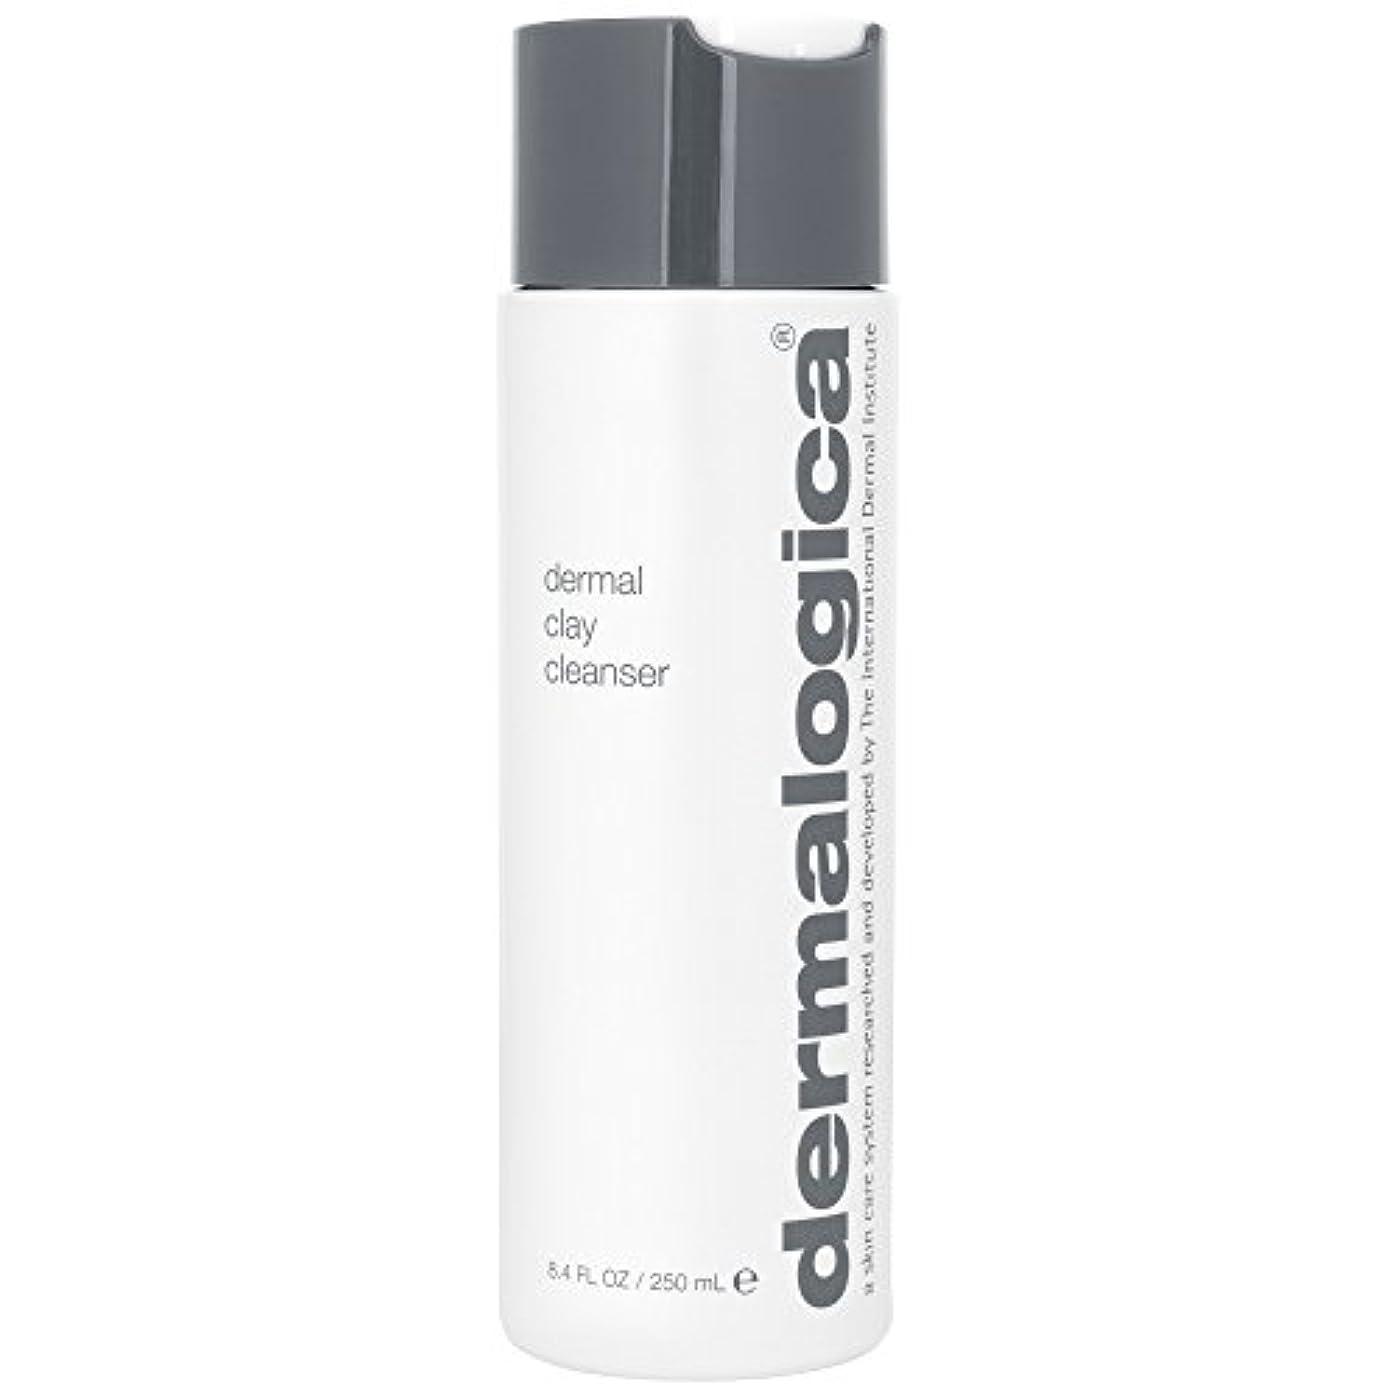 幹パイント第ダーマロジカ真皮クレイクレンザー250ミリリットル (Dermalogica) (x6) - Dermalogica Dermal Clay Cleanser 250ml (Pack of 6) [並行輸入品]